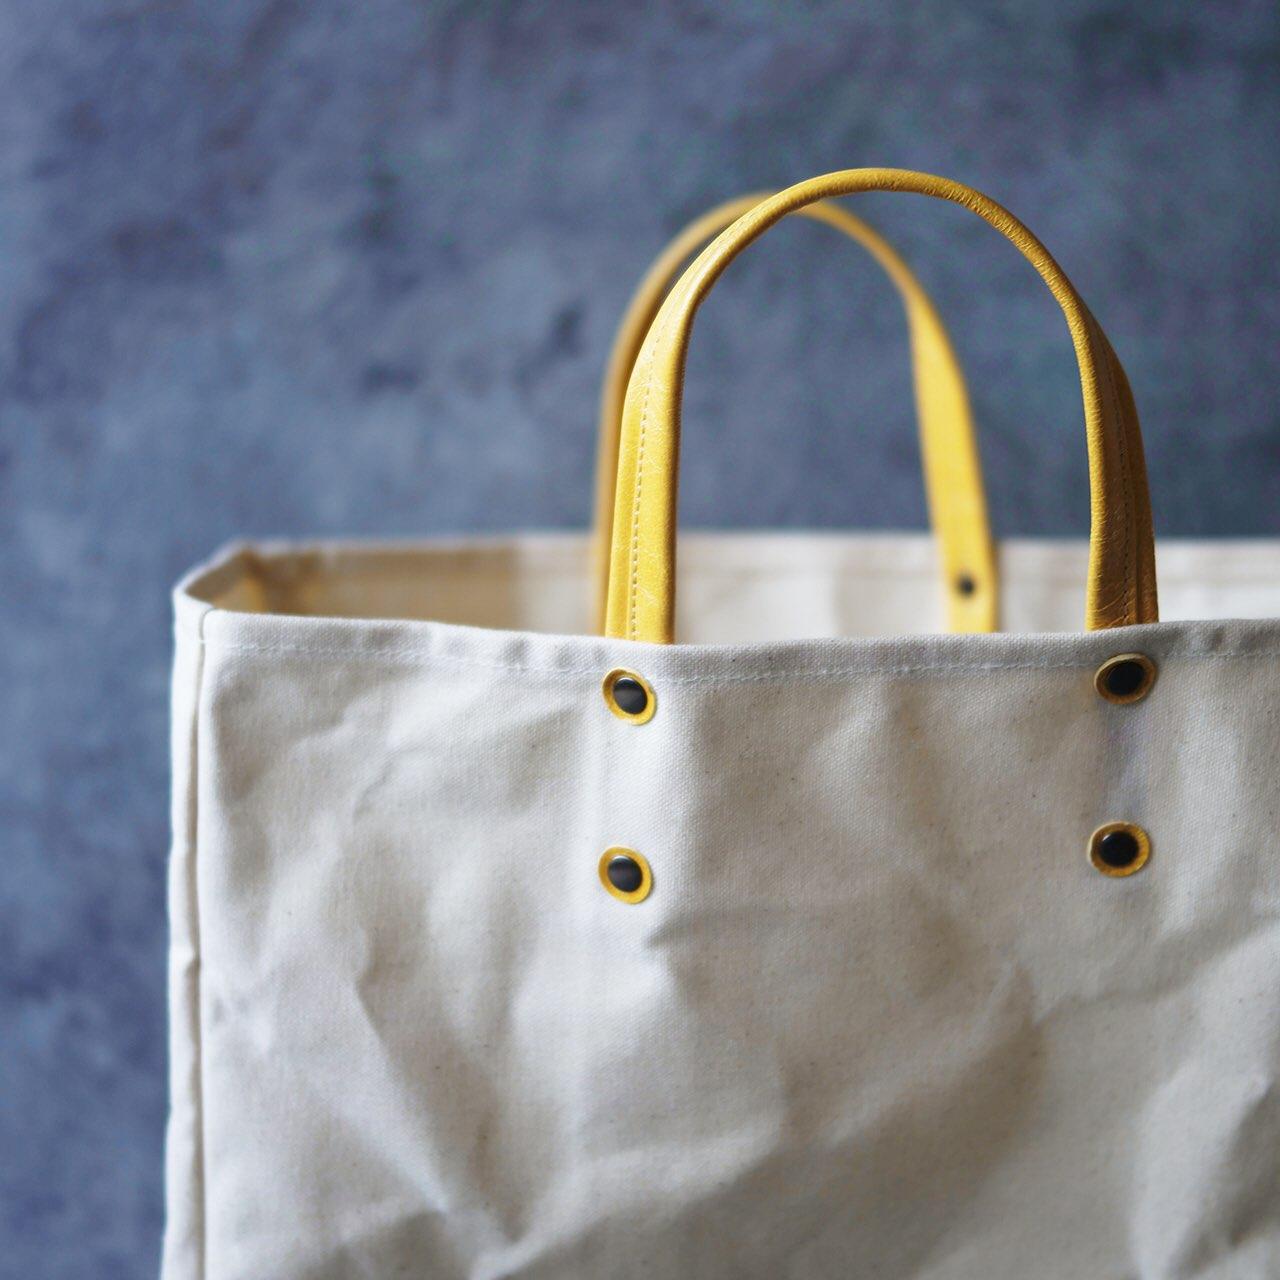 夏のプレゼント企画。抽選で1名様に帆布×山羊革のトートバッグをお届けします。